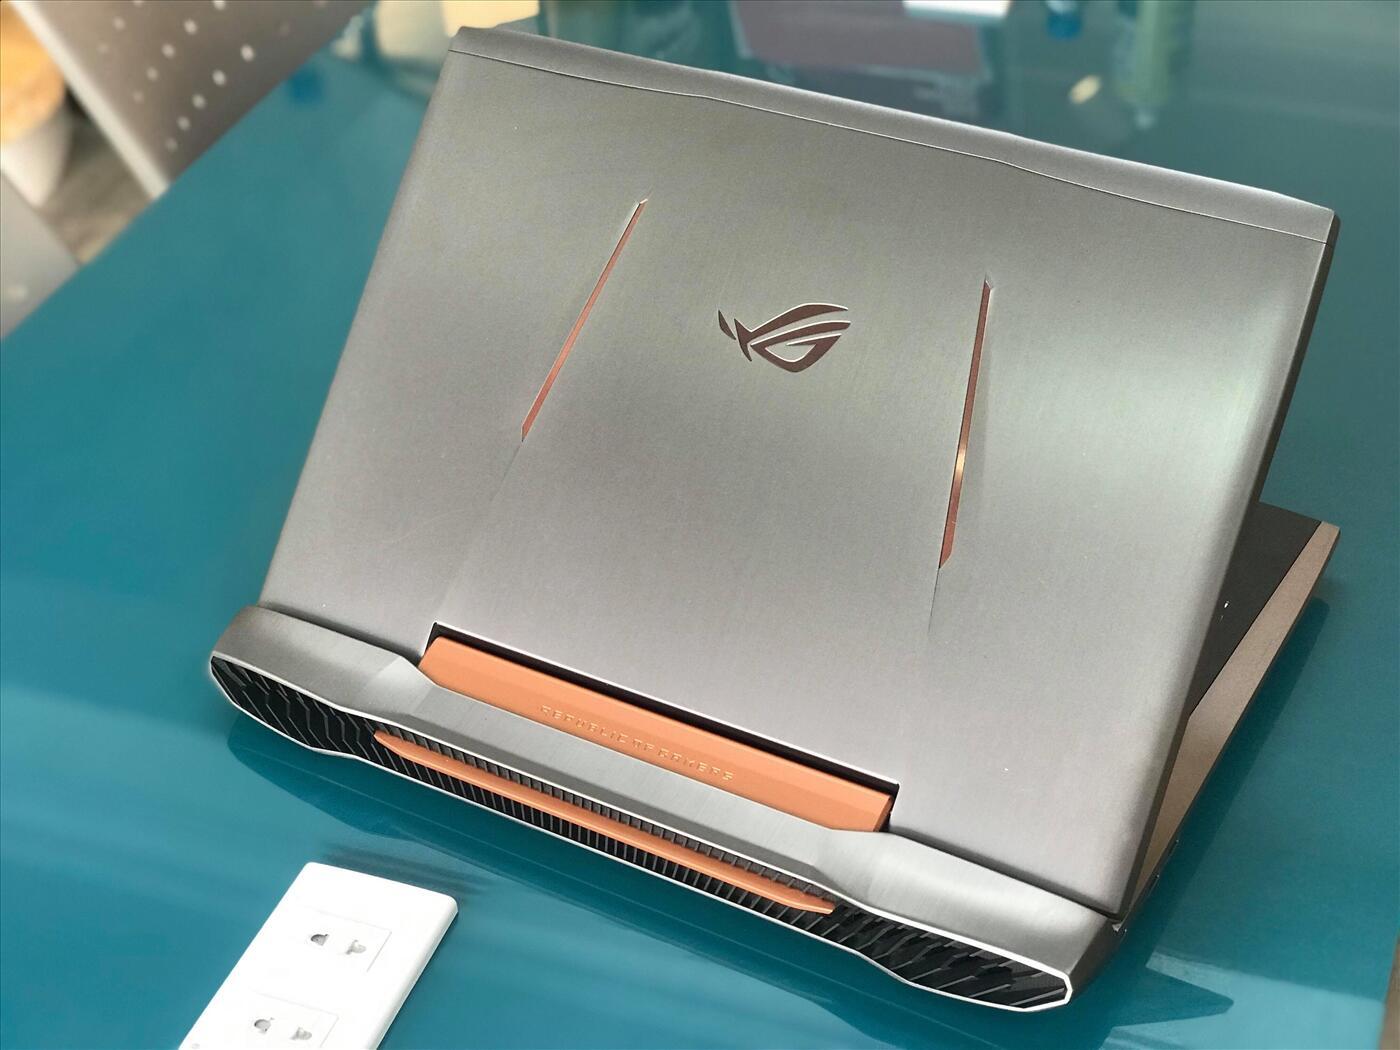 ASUS Gaming G752V Core i7 6820HQ   Ram 8GB   SSD128GB + HDD 1TB   GeForce GTX 1060